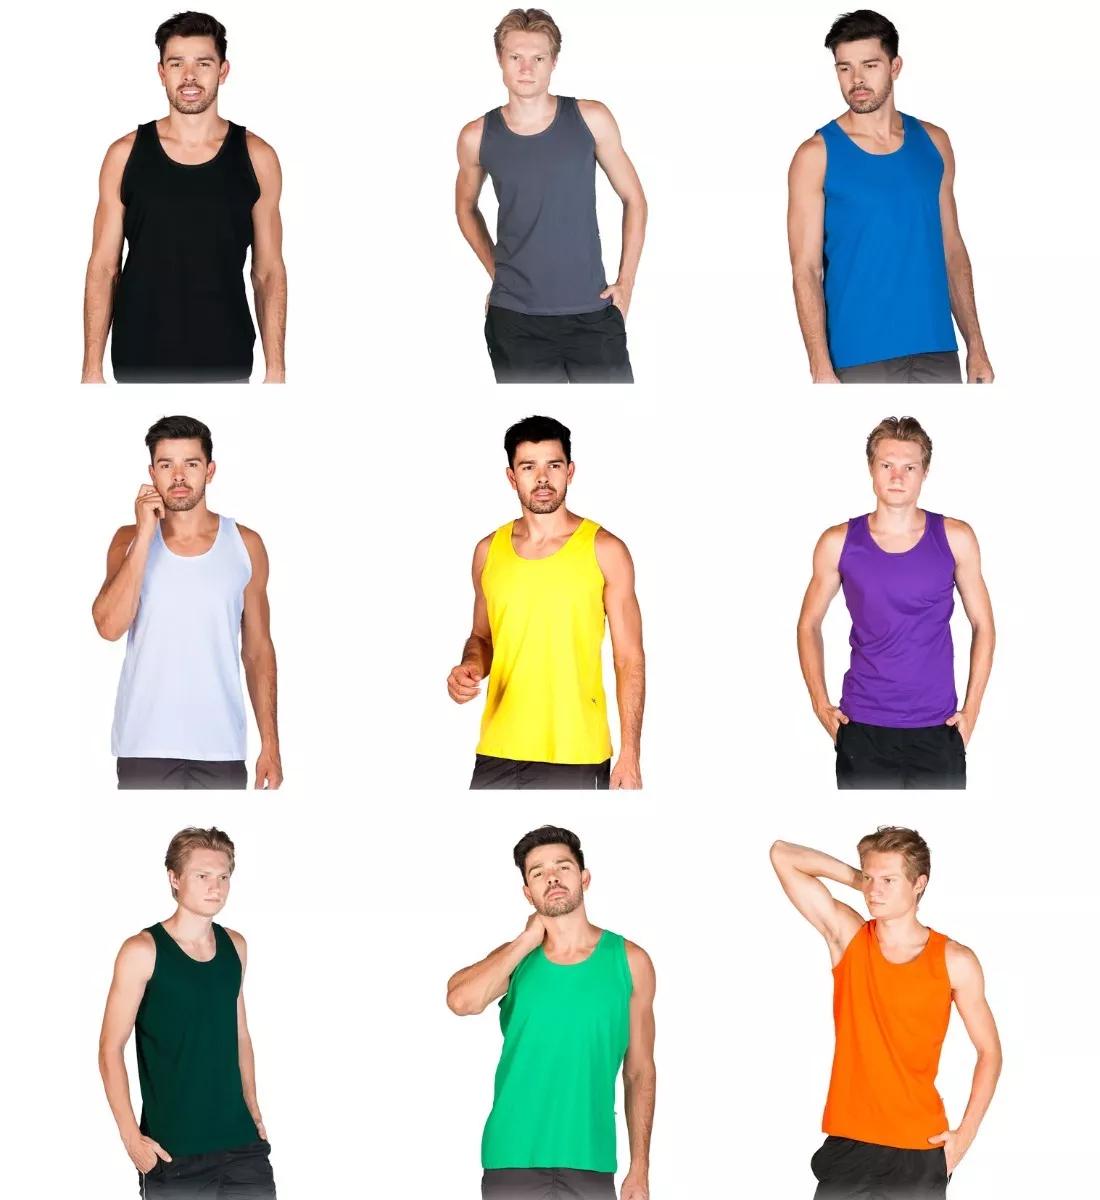 856a2f711af6c Camiseta Regata Algodão Sem Estampa Fio 30.1 Lisa Colorida no Elo7 ...